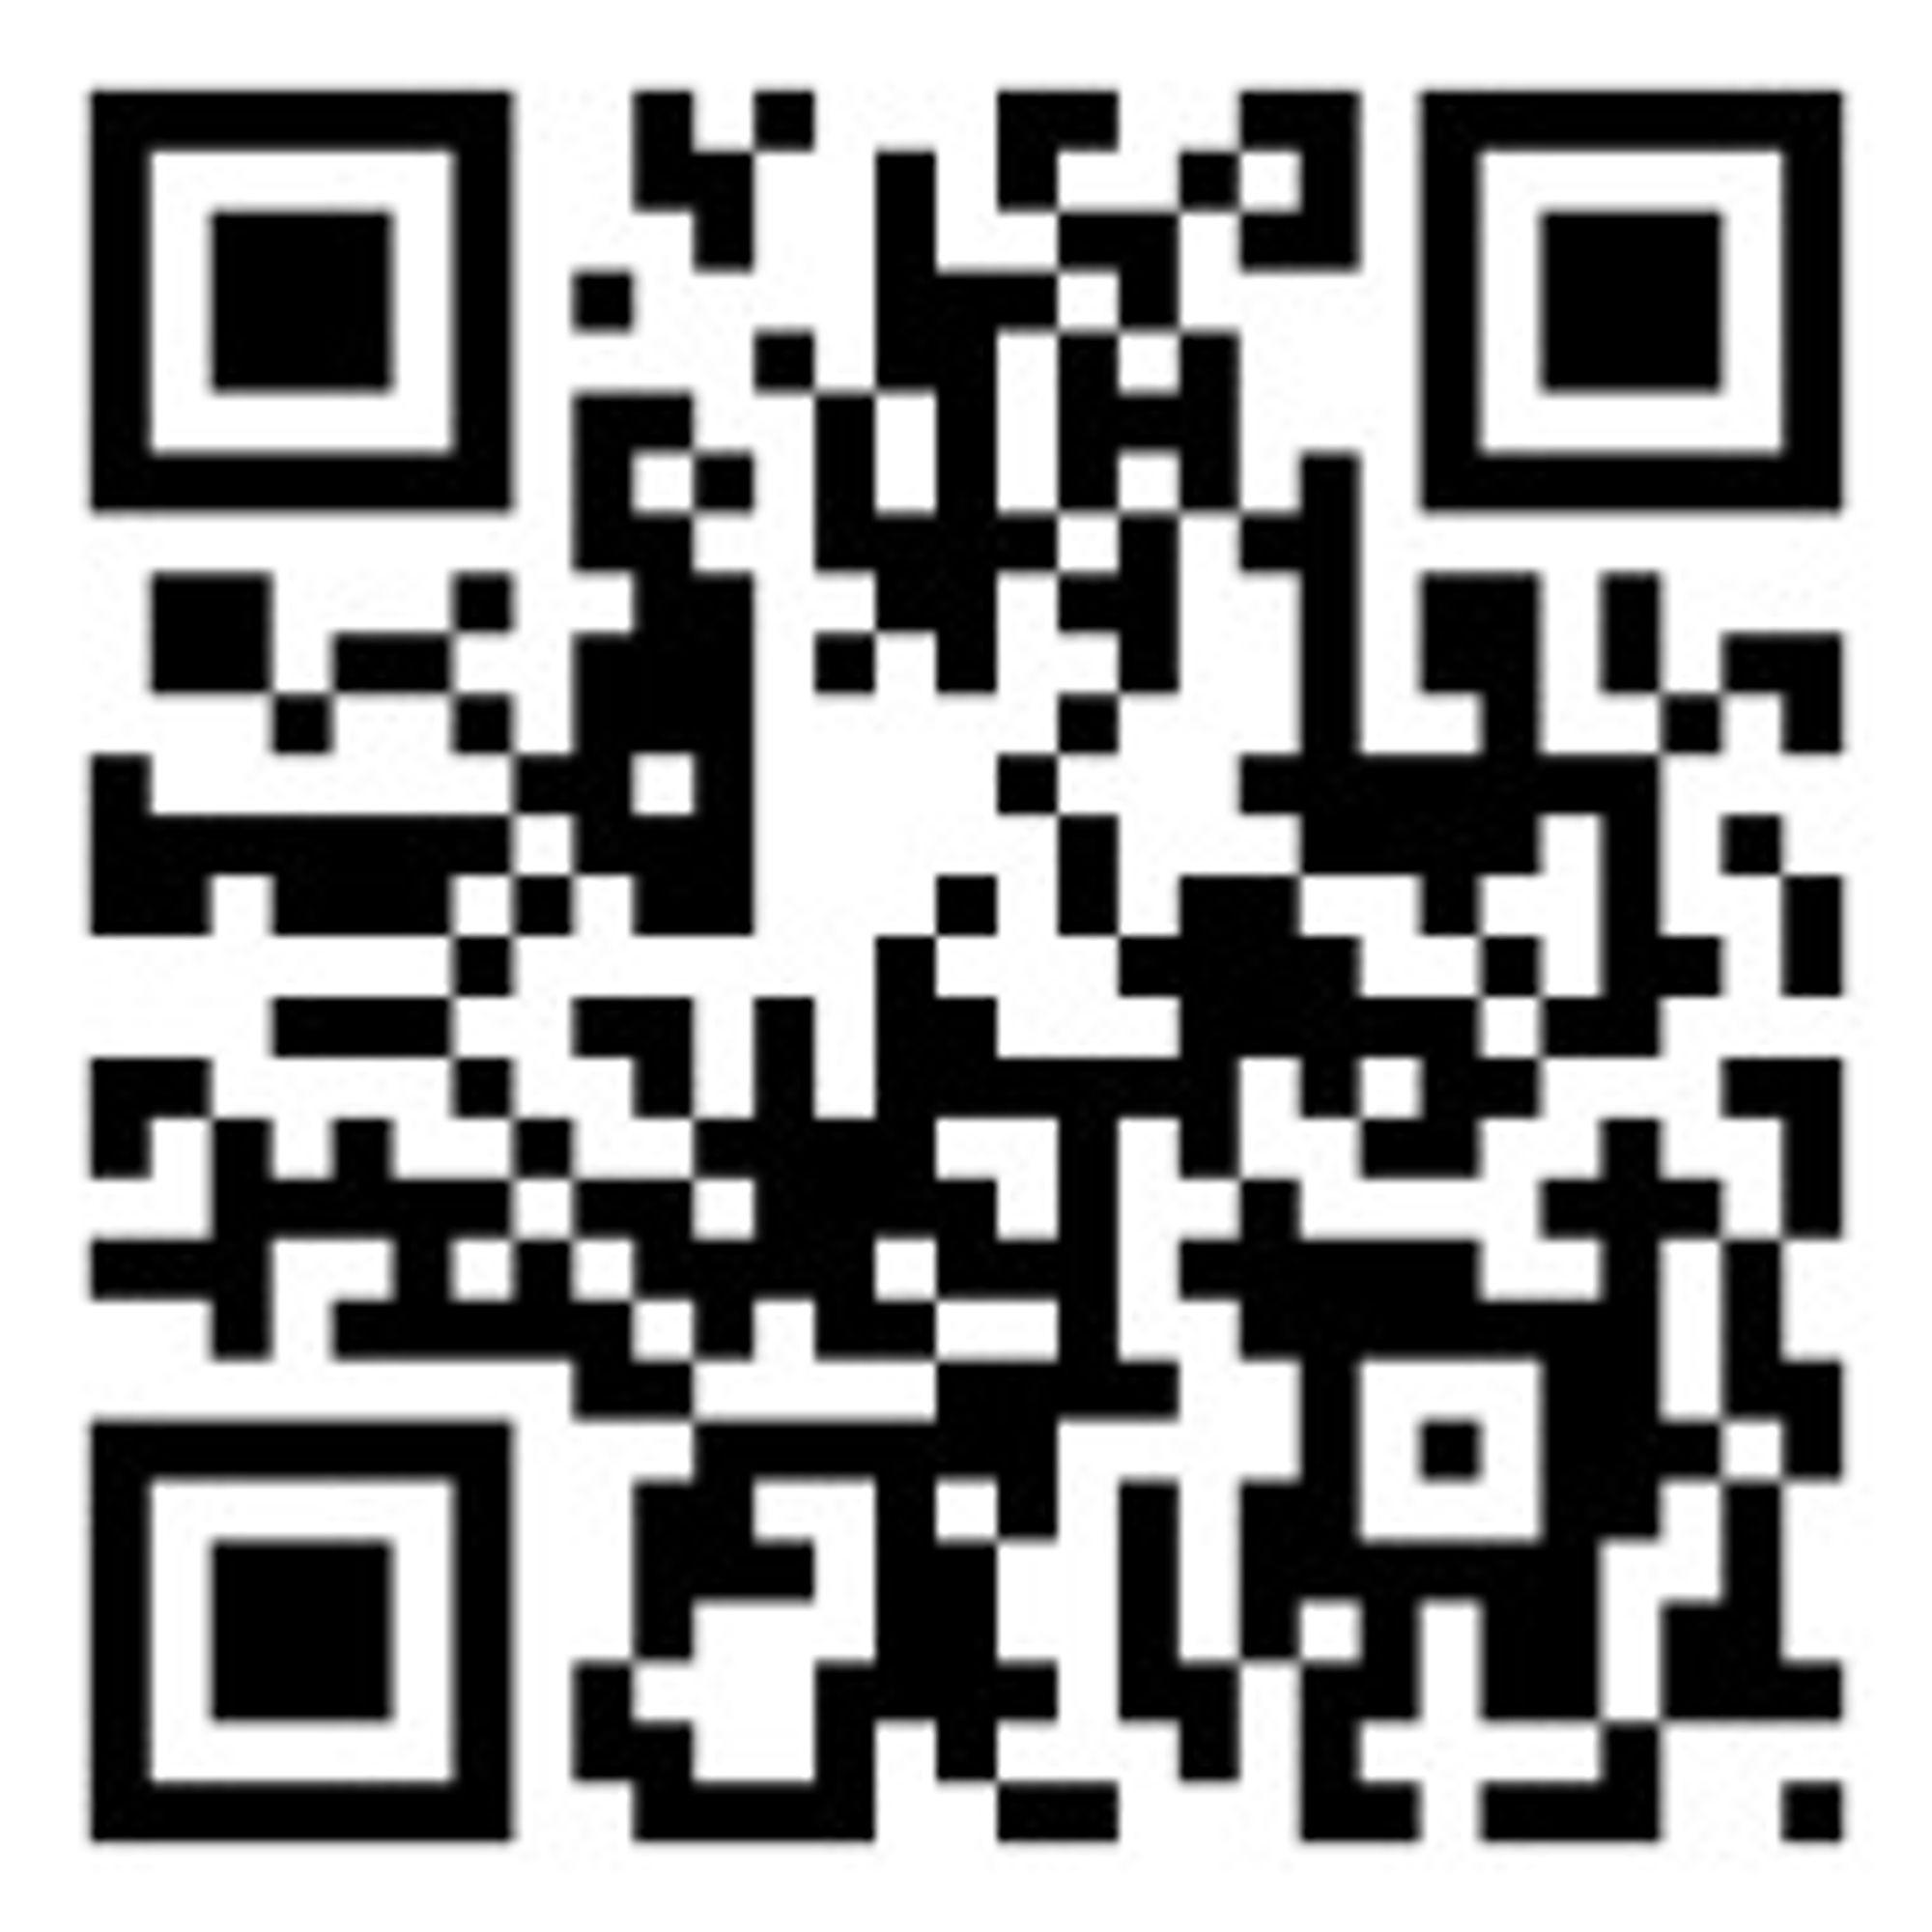 Denne QR-koden inneholder URL-en til mobilutgaven av engelskspråklig Wikipedia.